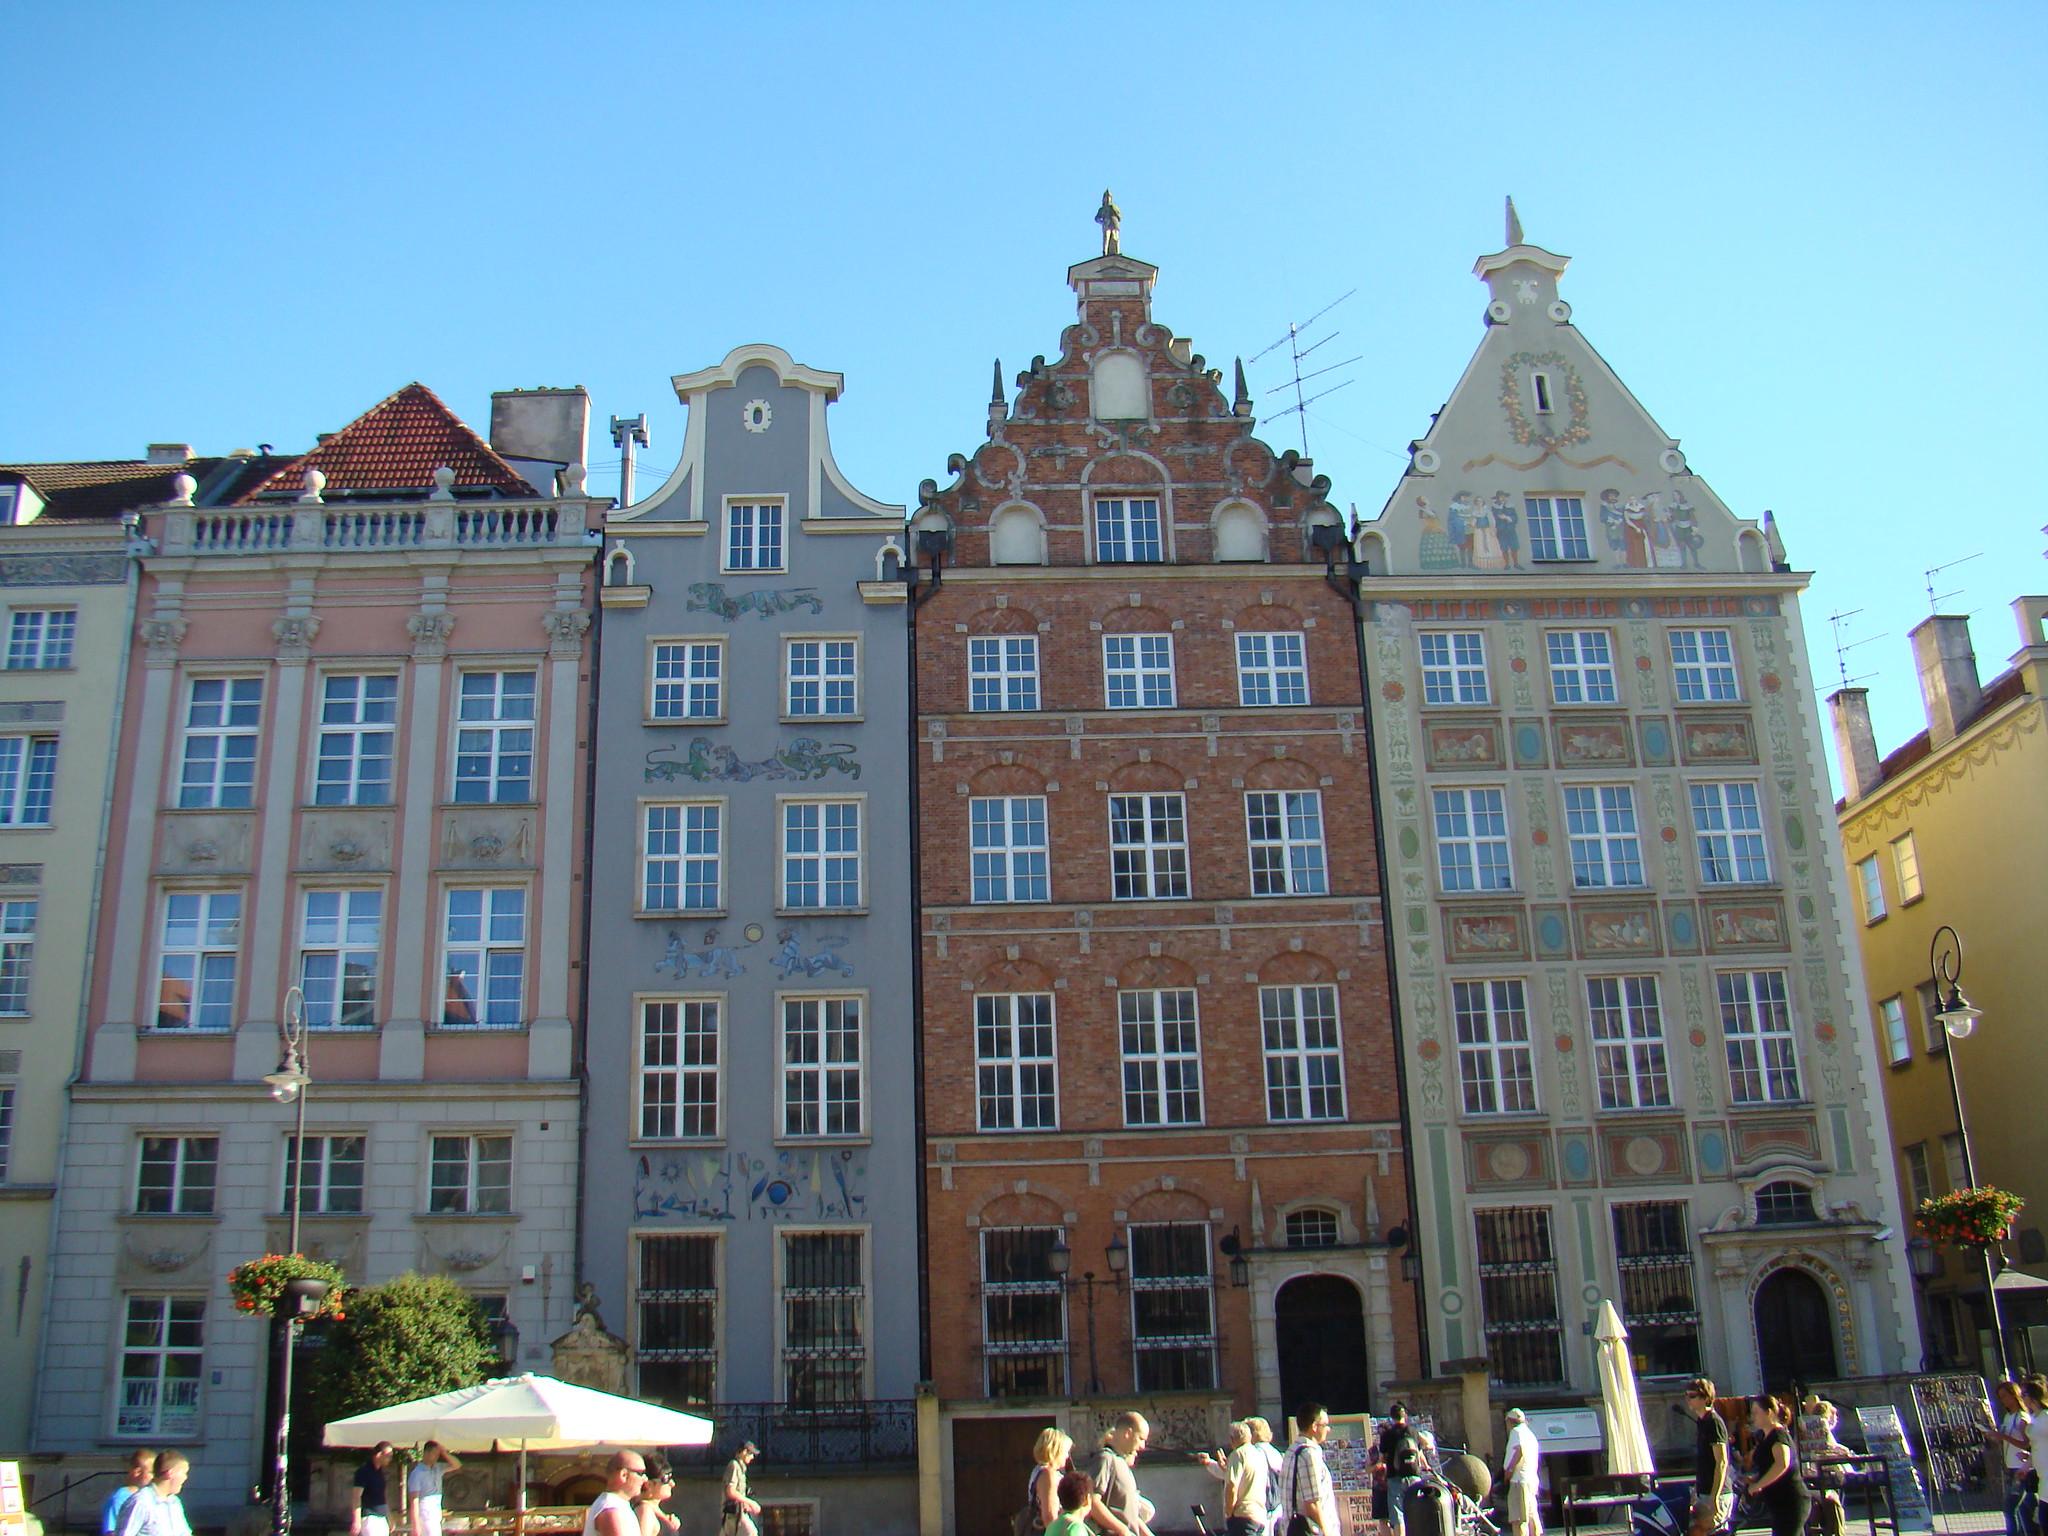 edificios en calle Dlugi Gdansk Polonia